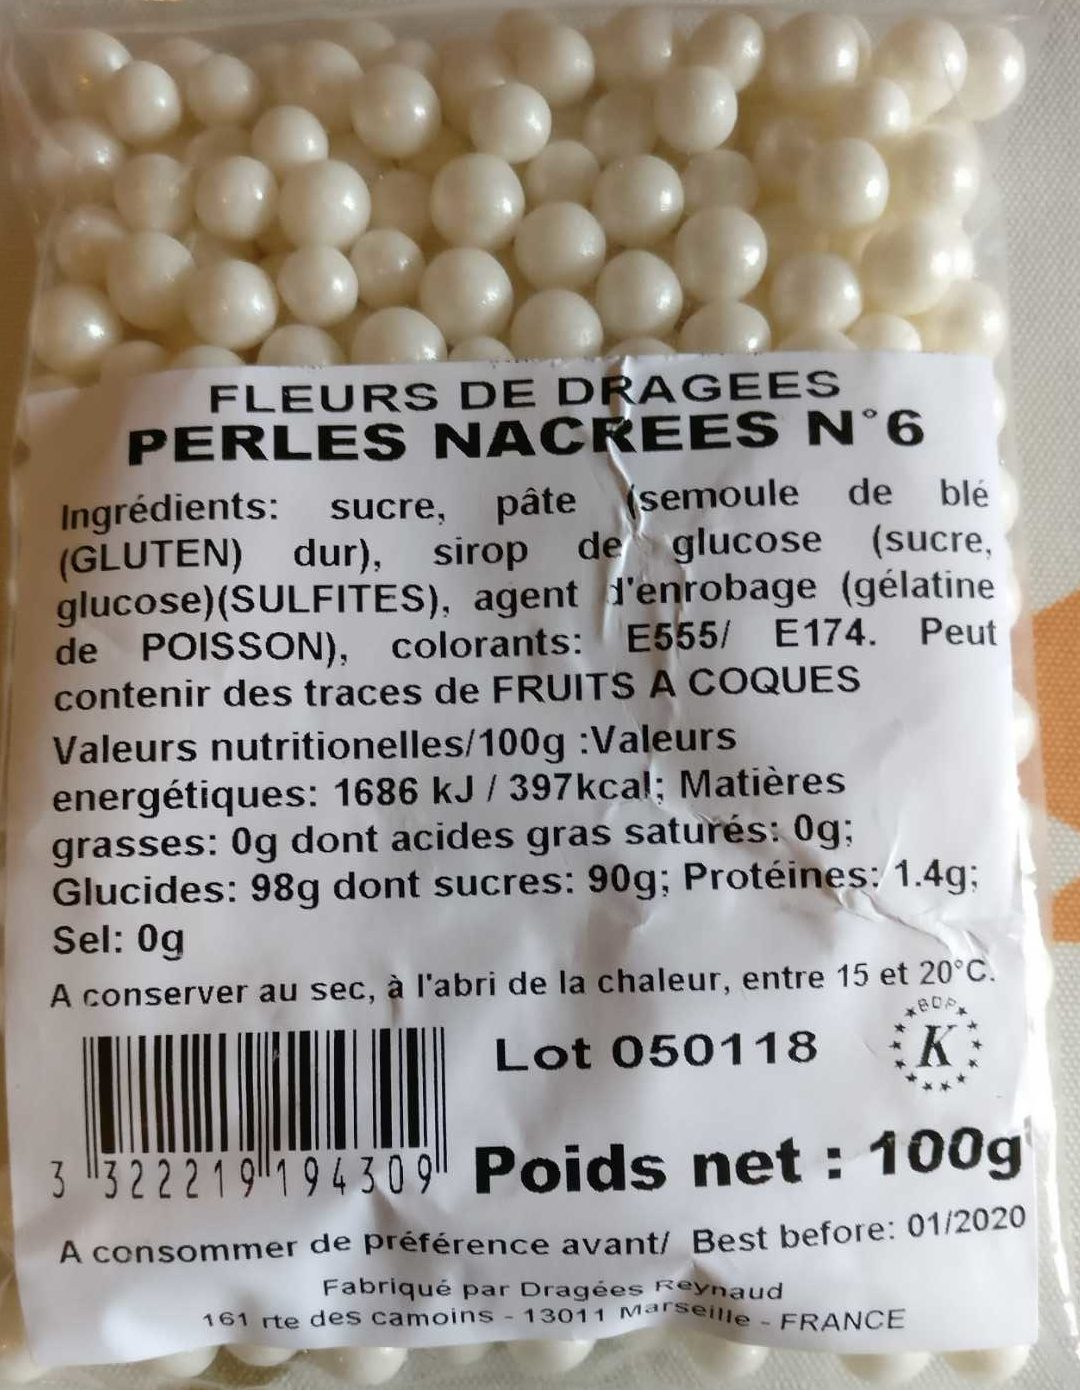 Perles nacrées n 6 - Produit - fr